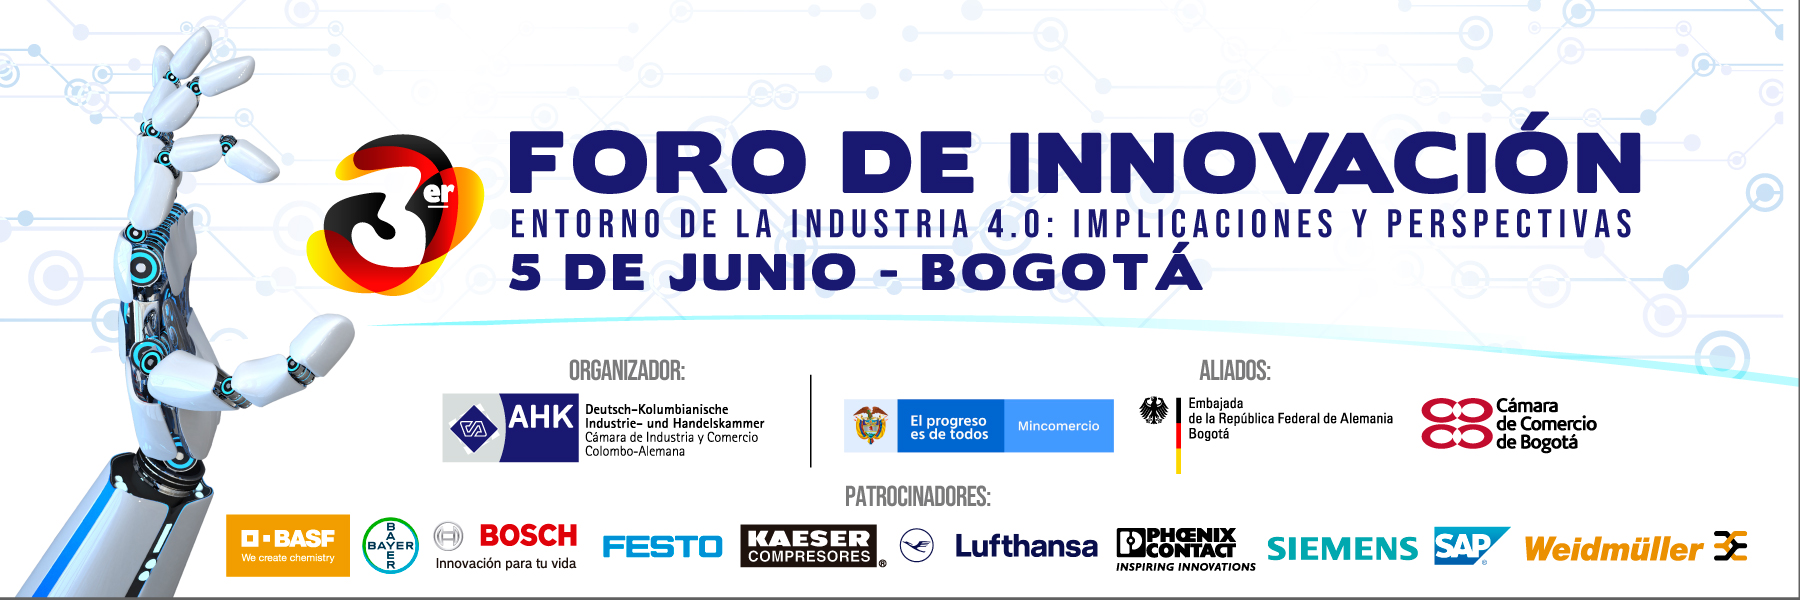 III Foro de Innovación: «Entorno de la Industria 4.0: implicaciones y perspectivas / Casos empresariales de éxito en la Industria 4.0 colombo-alemana»